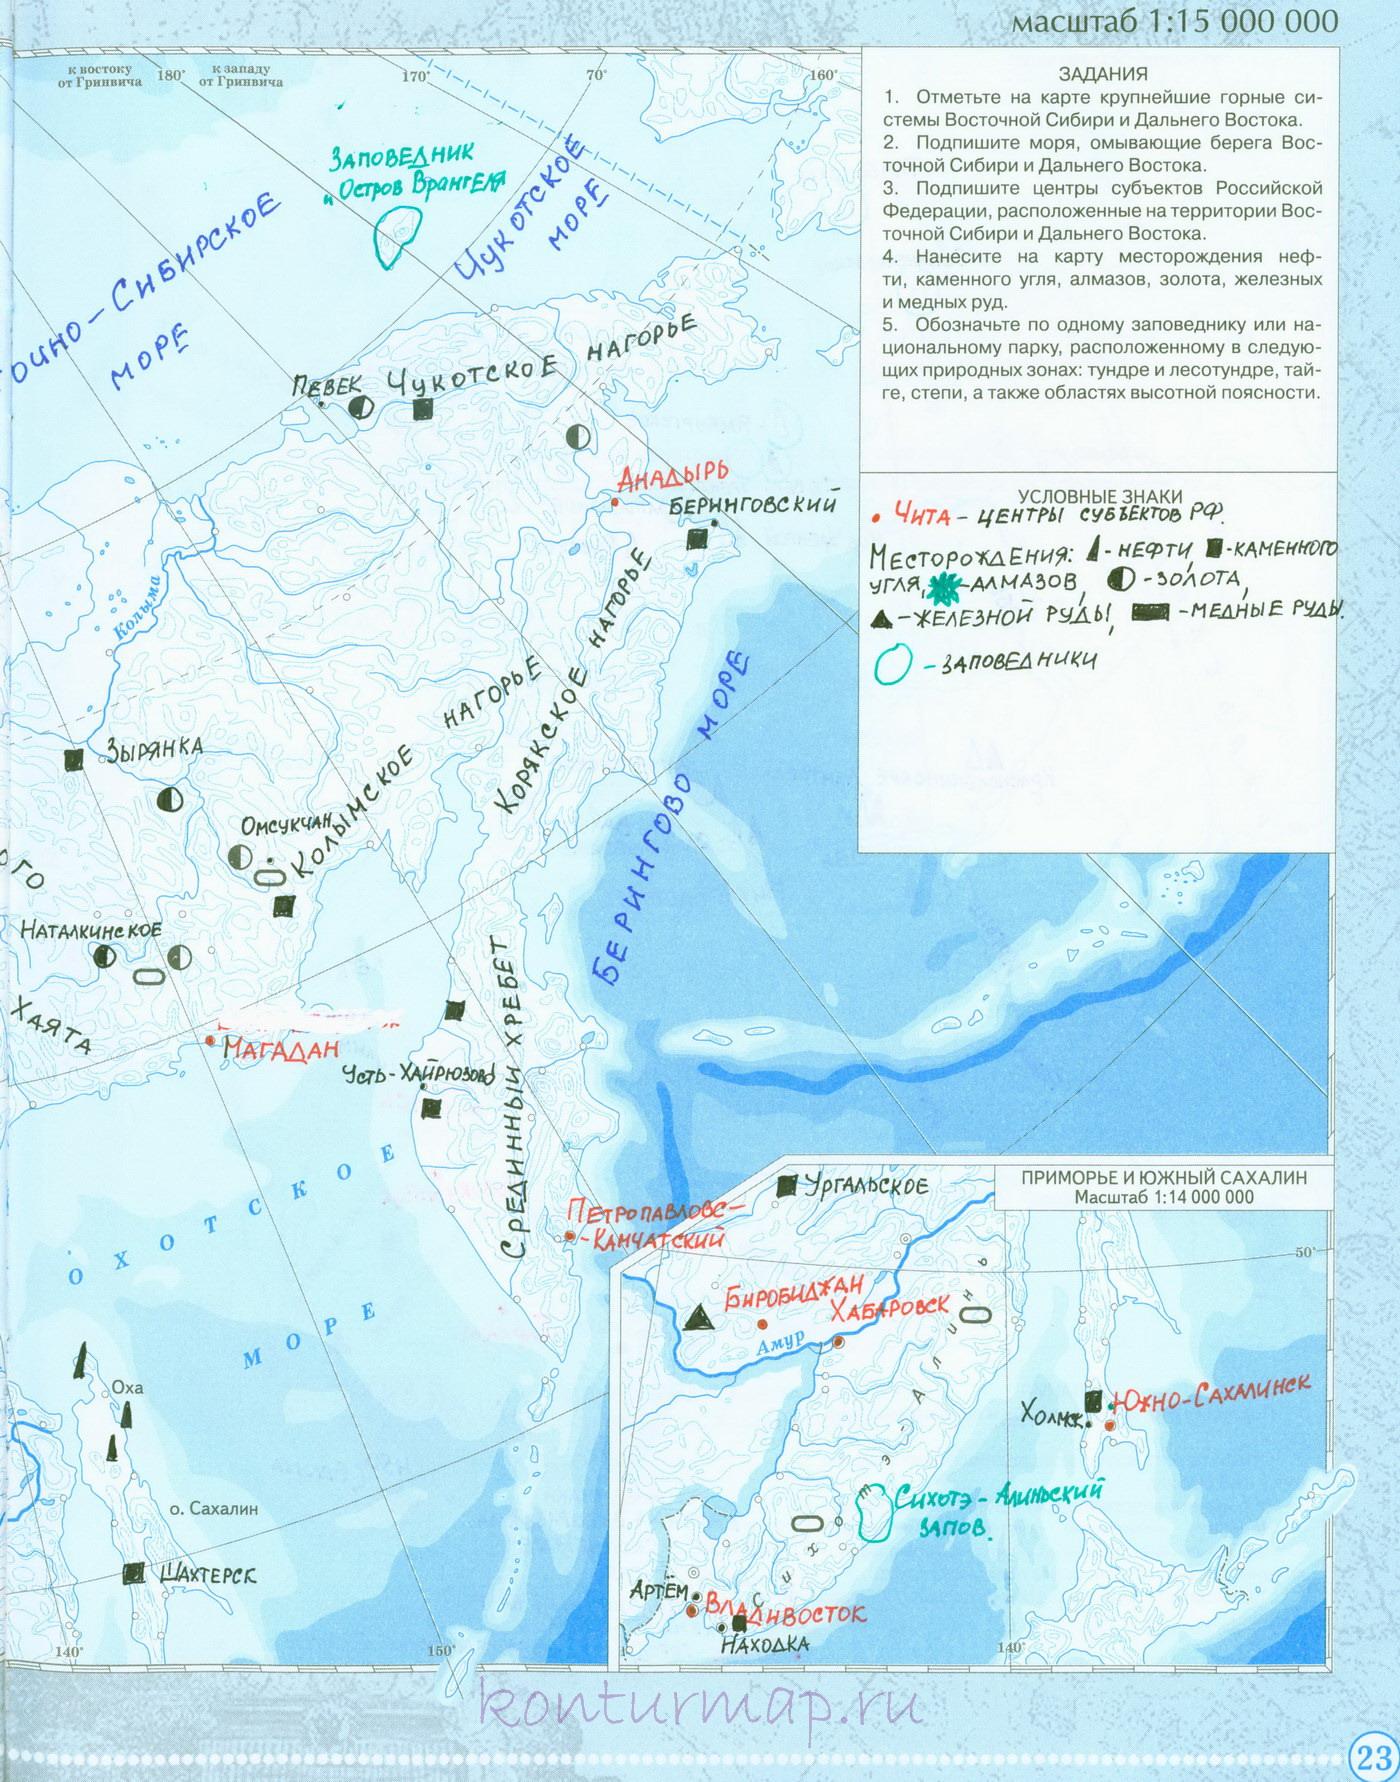 гдз контурная карта по географии 8 класс восточная сибирь и дальний восток гдз